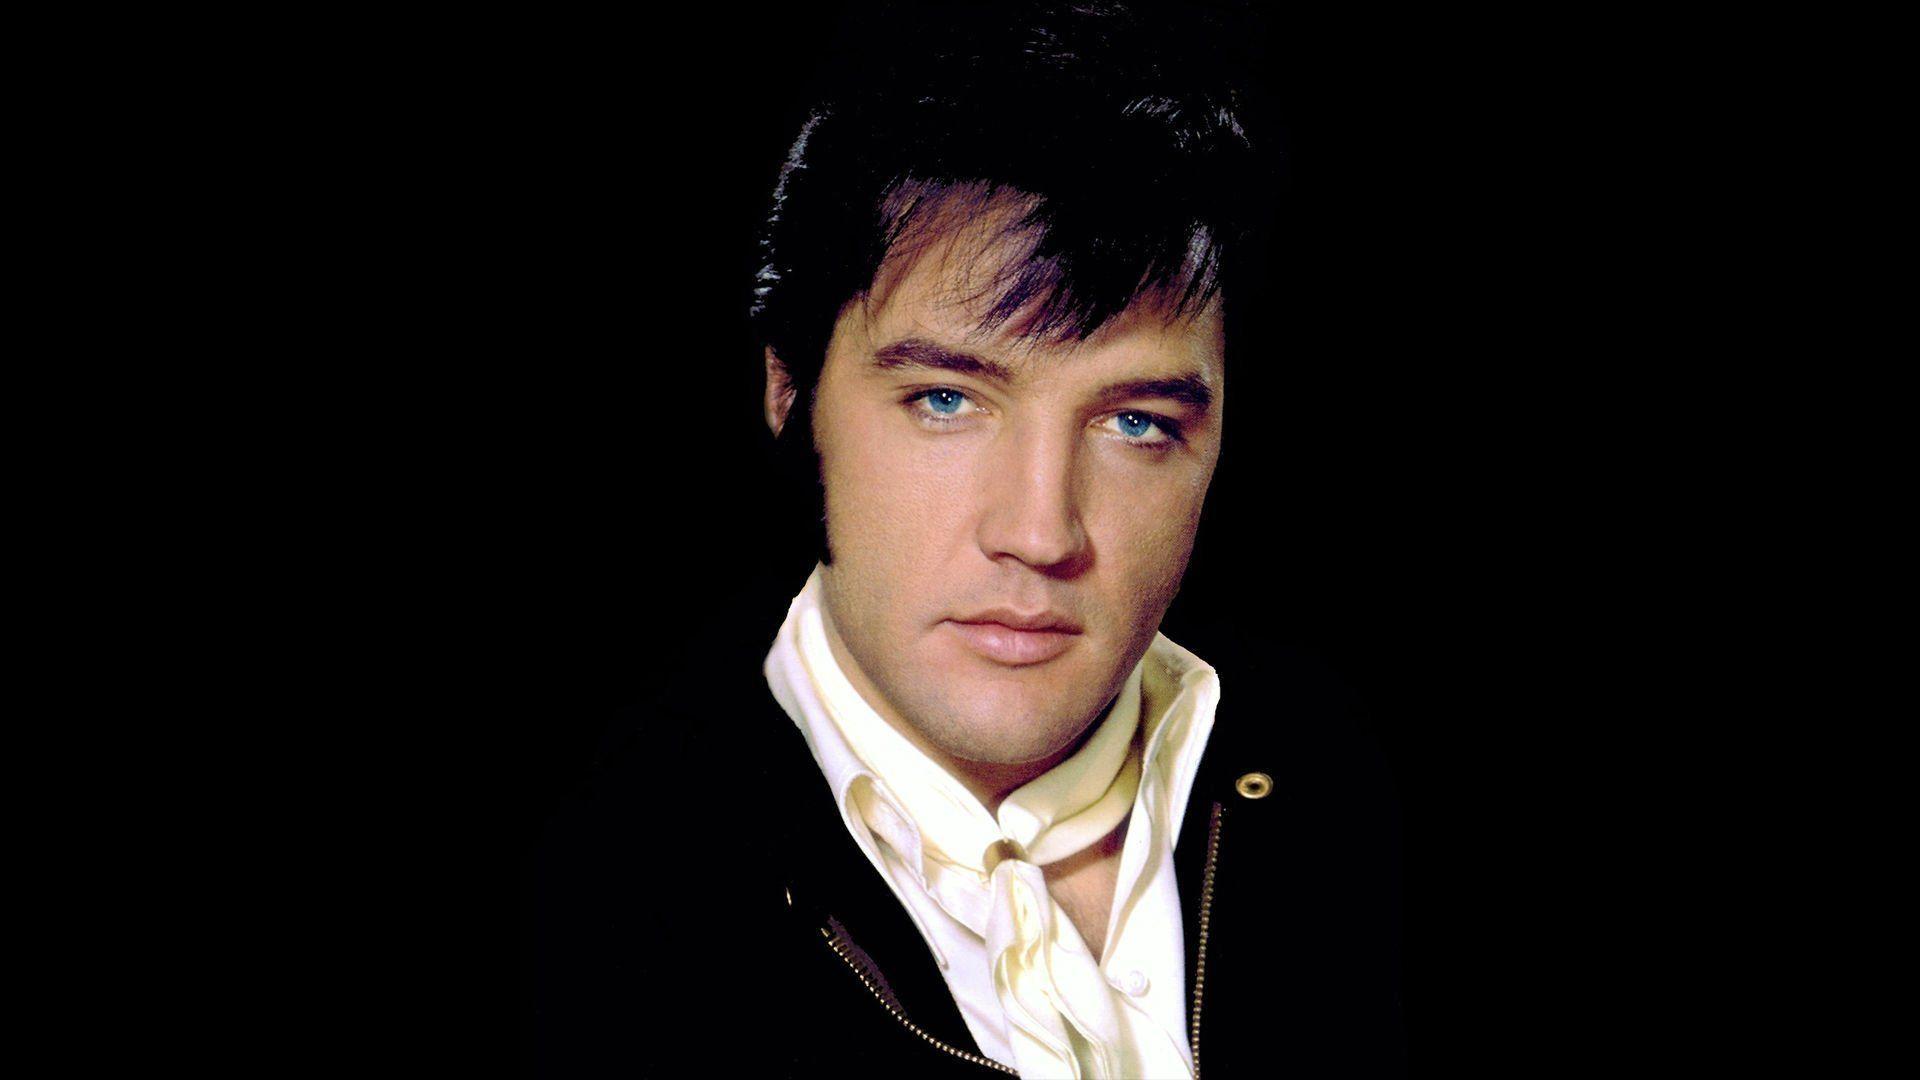 Elvis Aaron Presley Tupelo Mississippi 8 januari 1935 Memphis Tennessee 16 augustus 1977 was een Amerikaans zanger en acteur Hij wordt vaak The King of